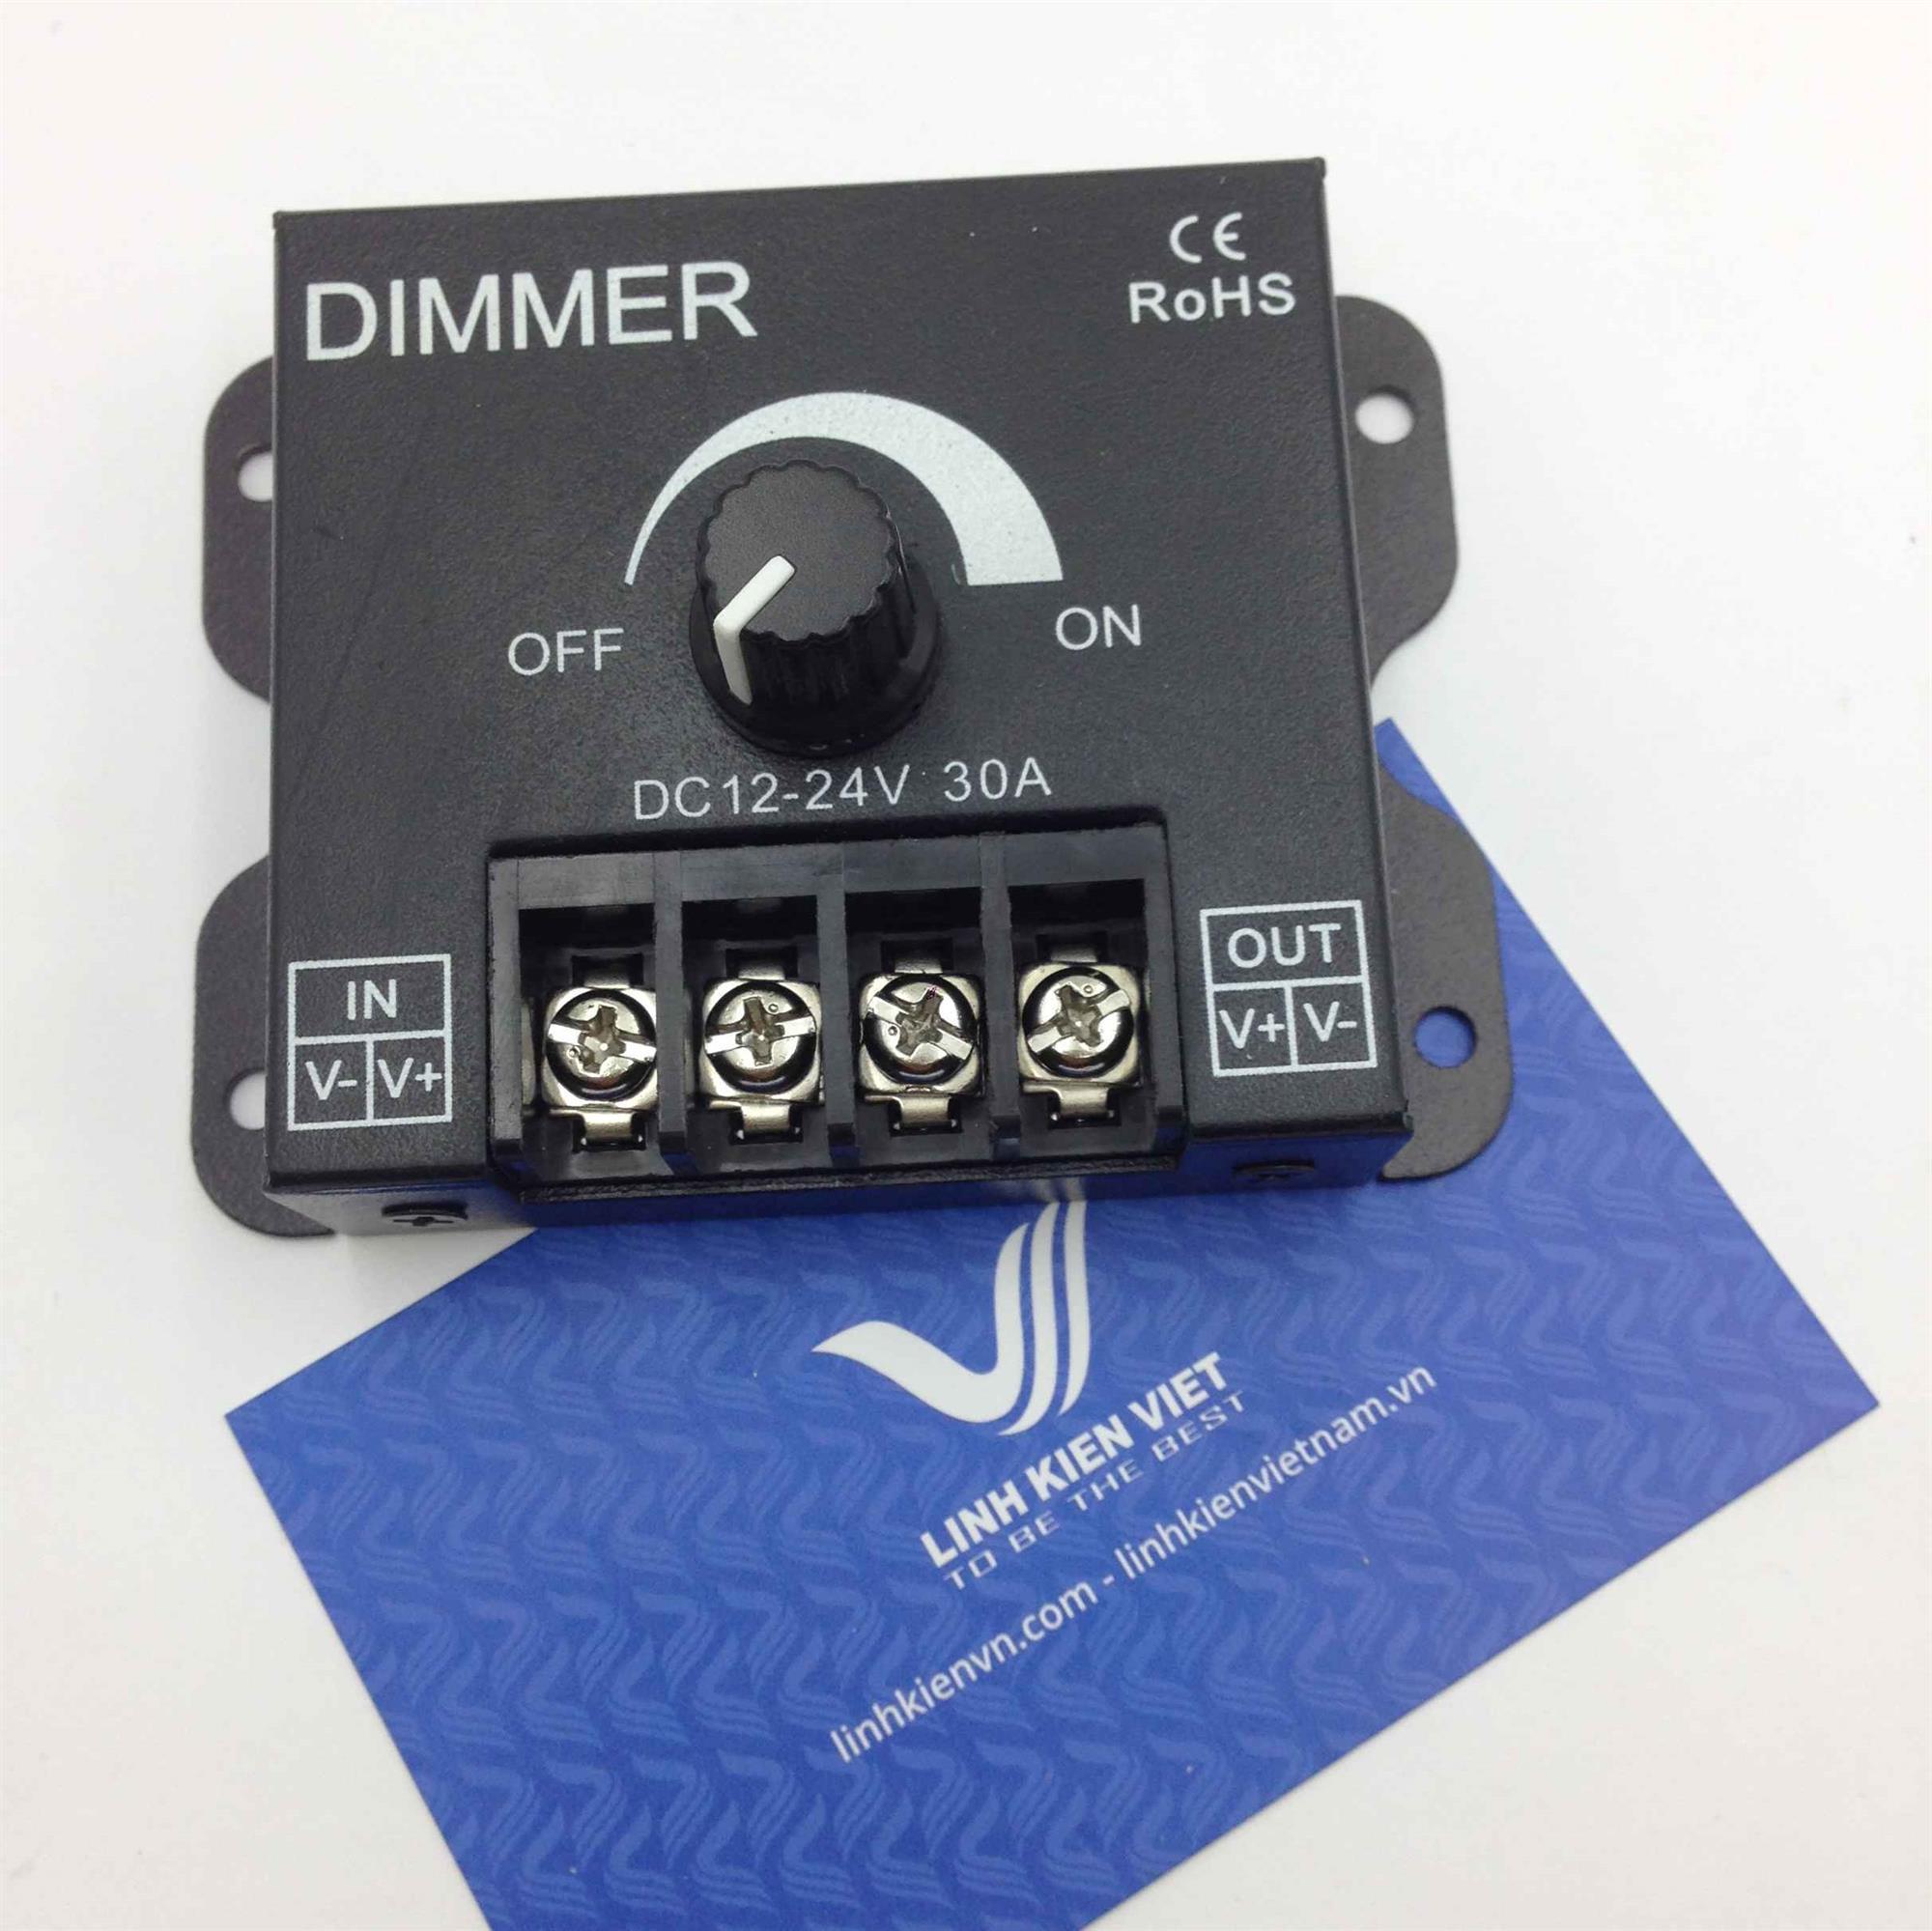 Bộ điều khiển tốc độ động cơ pwm 12V-24V 30A / DIMMER 12-24V 30A(KA11H2)